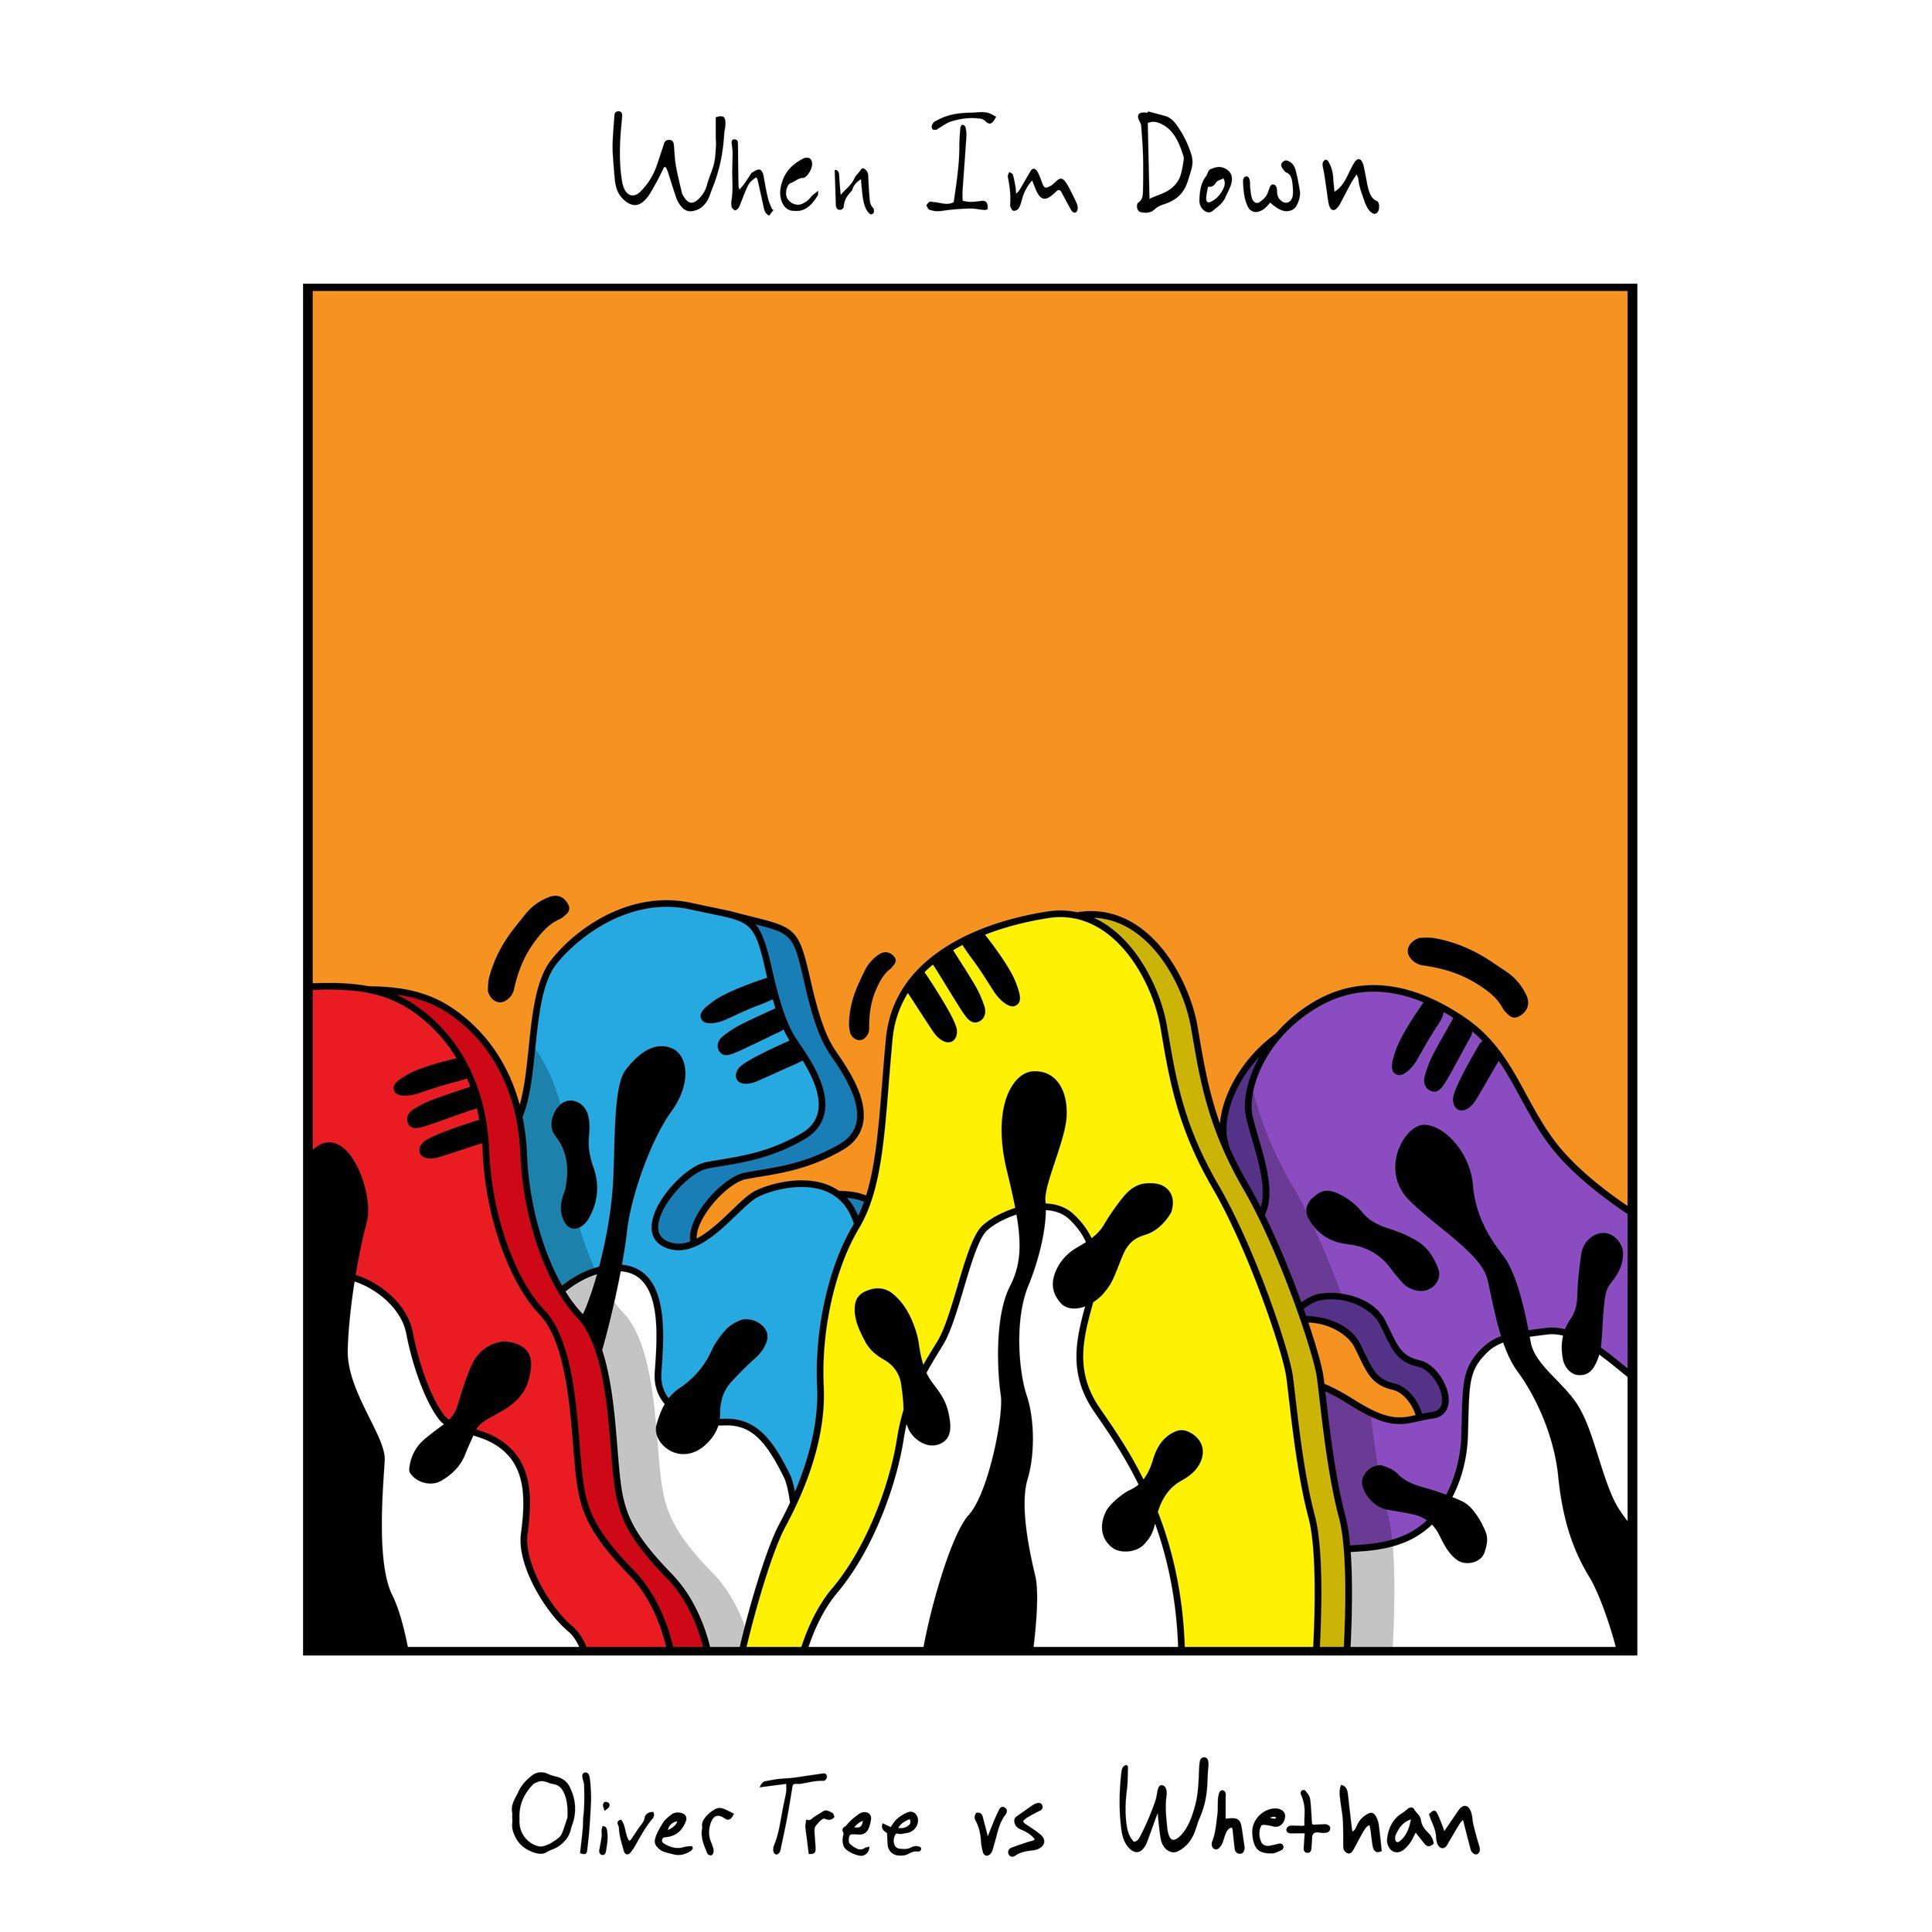 whenimdown-01.jpg